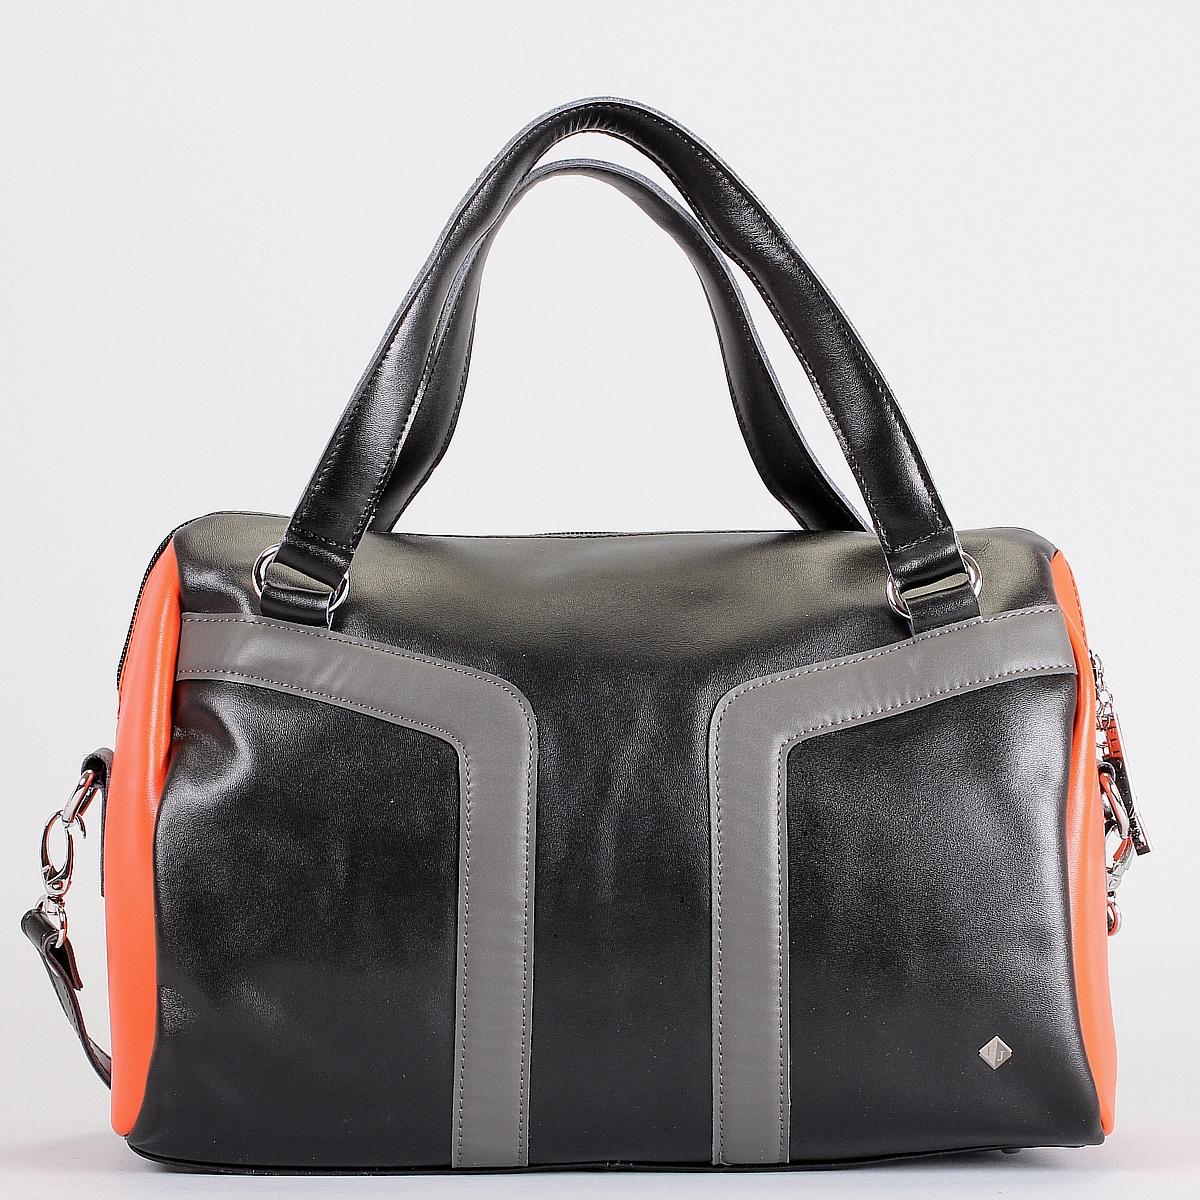 Сумка женская Flioraj, цвет: черный, оранжевый. 10713-1/24/610713-1/24/6 черн/оранжСтильная сумка Flioraj выполнена из натуральной гладкой кожи с отделкой из кожи контрастного цвета. Сумка имеет одно вместительное отделение, закрывающееся на застежку-молнию. Внутри - два накладных кармашка для мелочей и два кармана на молнии. С внешней стороны на задней стенке раположен вшитый карман на молнии. Сумка оснащена двумя ручками, а также плечевым ремнем регулируемой длины. Сумка - это стильный аксессуар, который подчеркнет вашу изысканность и индивидуальность и сделает ваш образ завершенным. Характеристики: Размер сумки: 33 см х 22 см х 17 см.